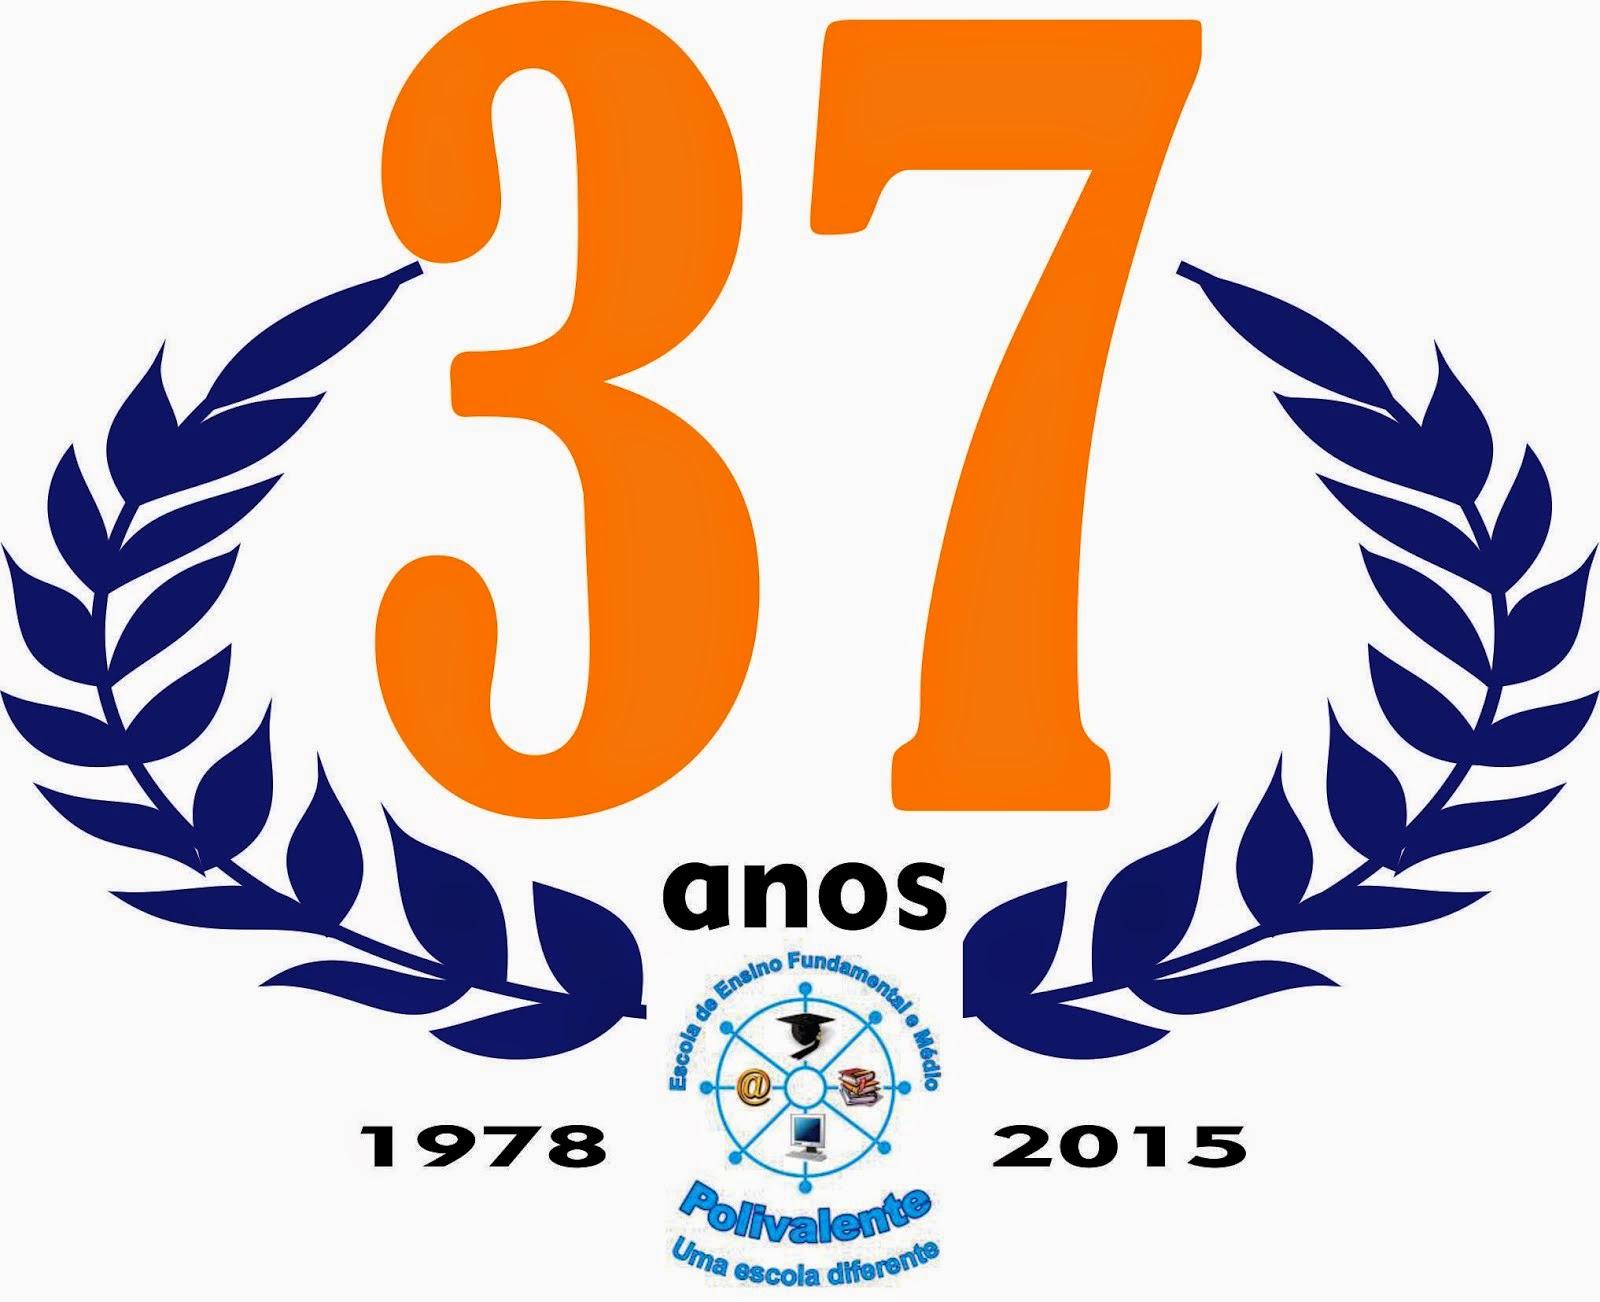 POLIVALENTE 37 ANOS